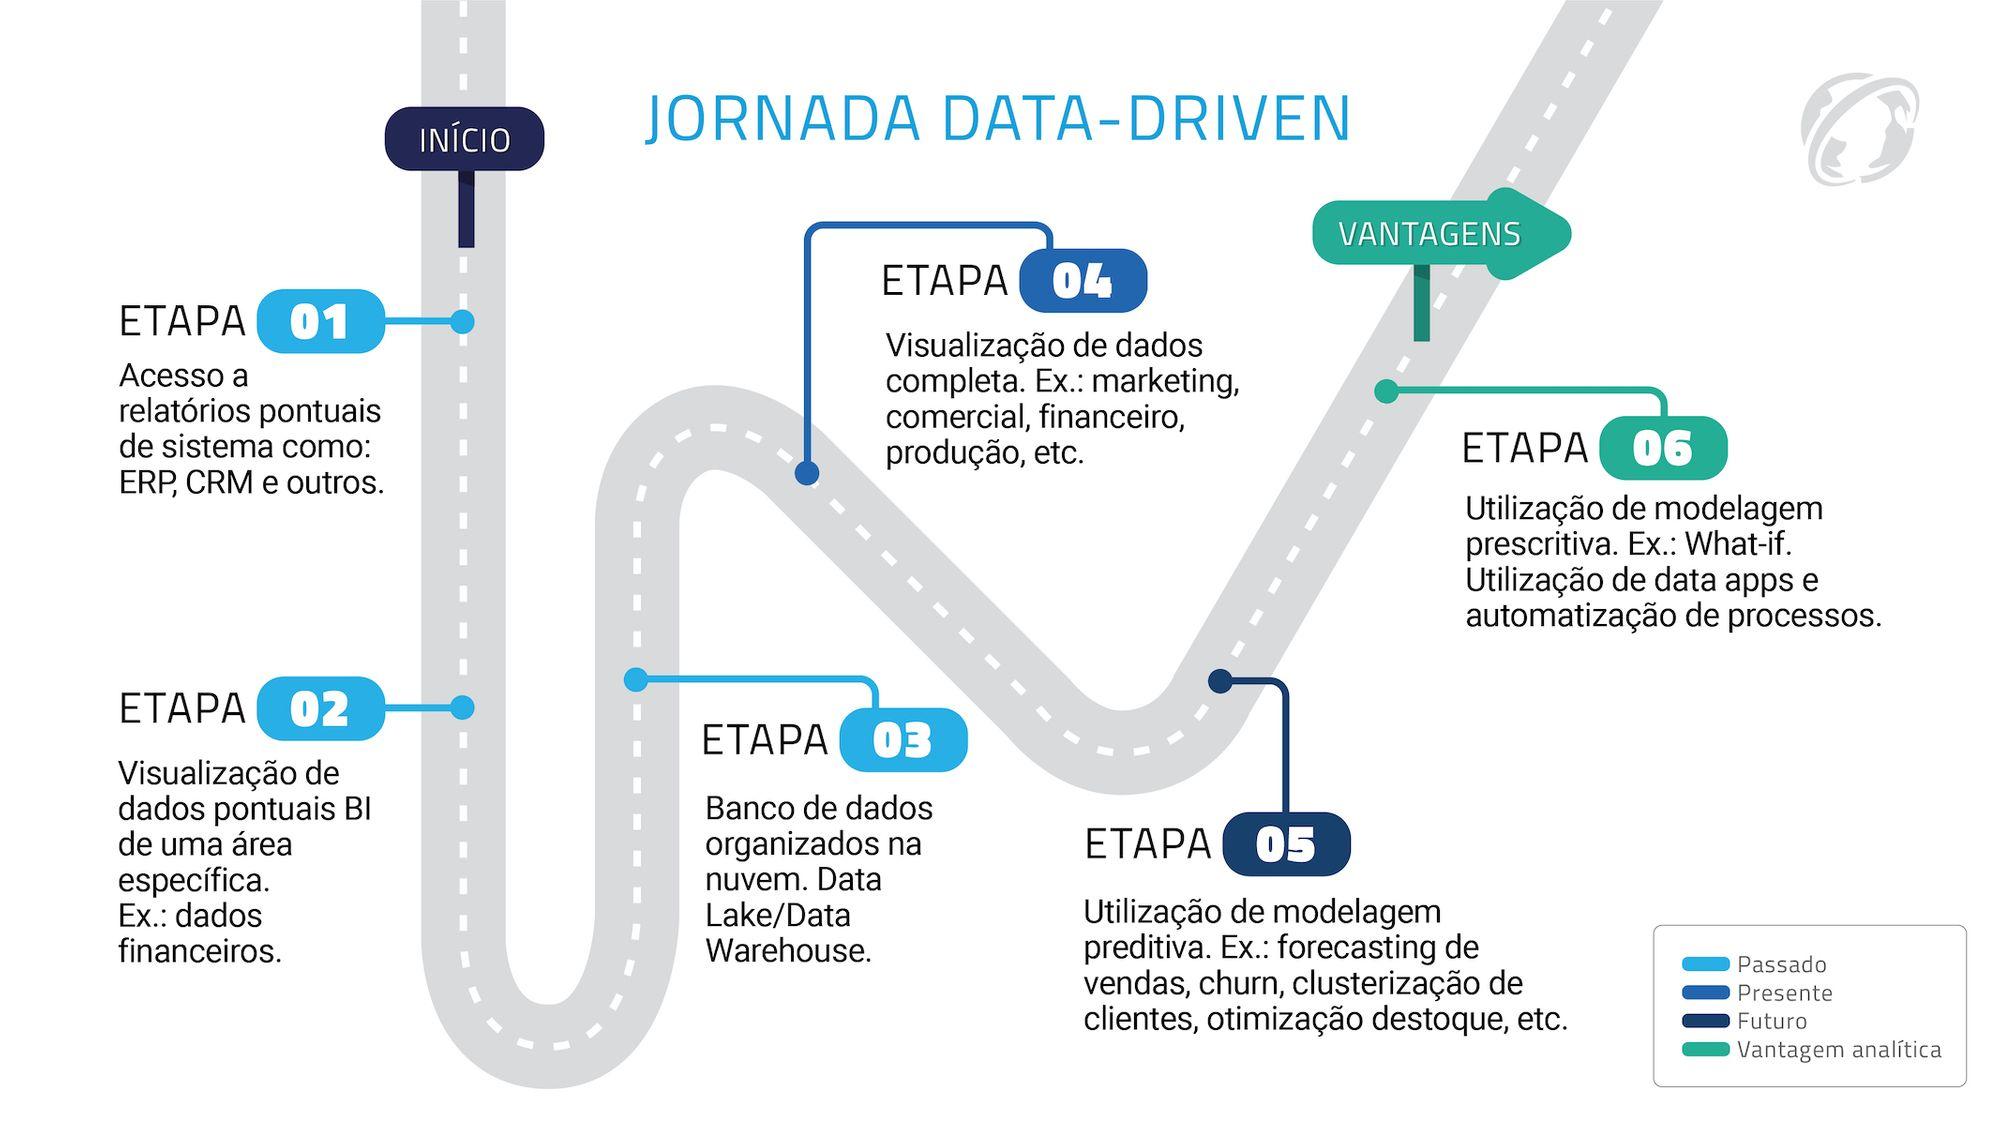 Caminho da Jornada Data-Driven